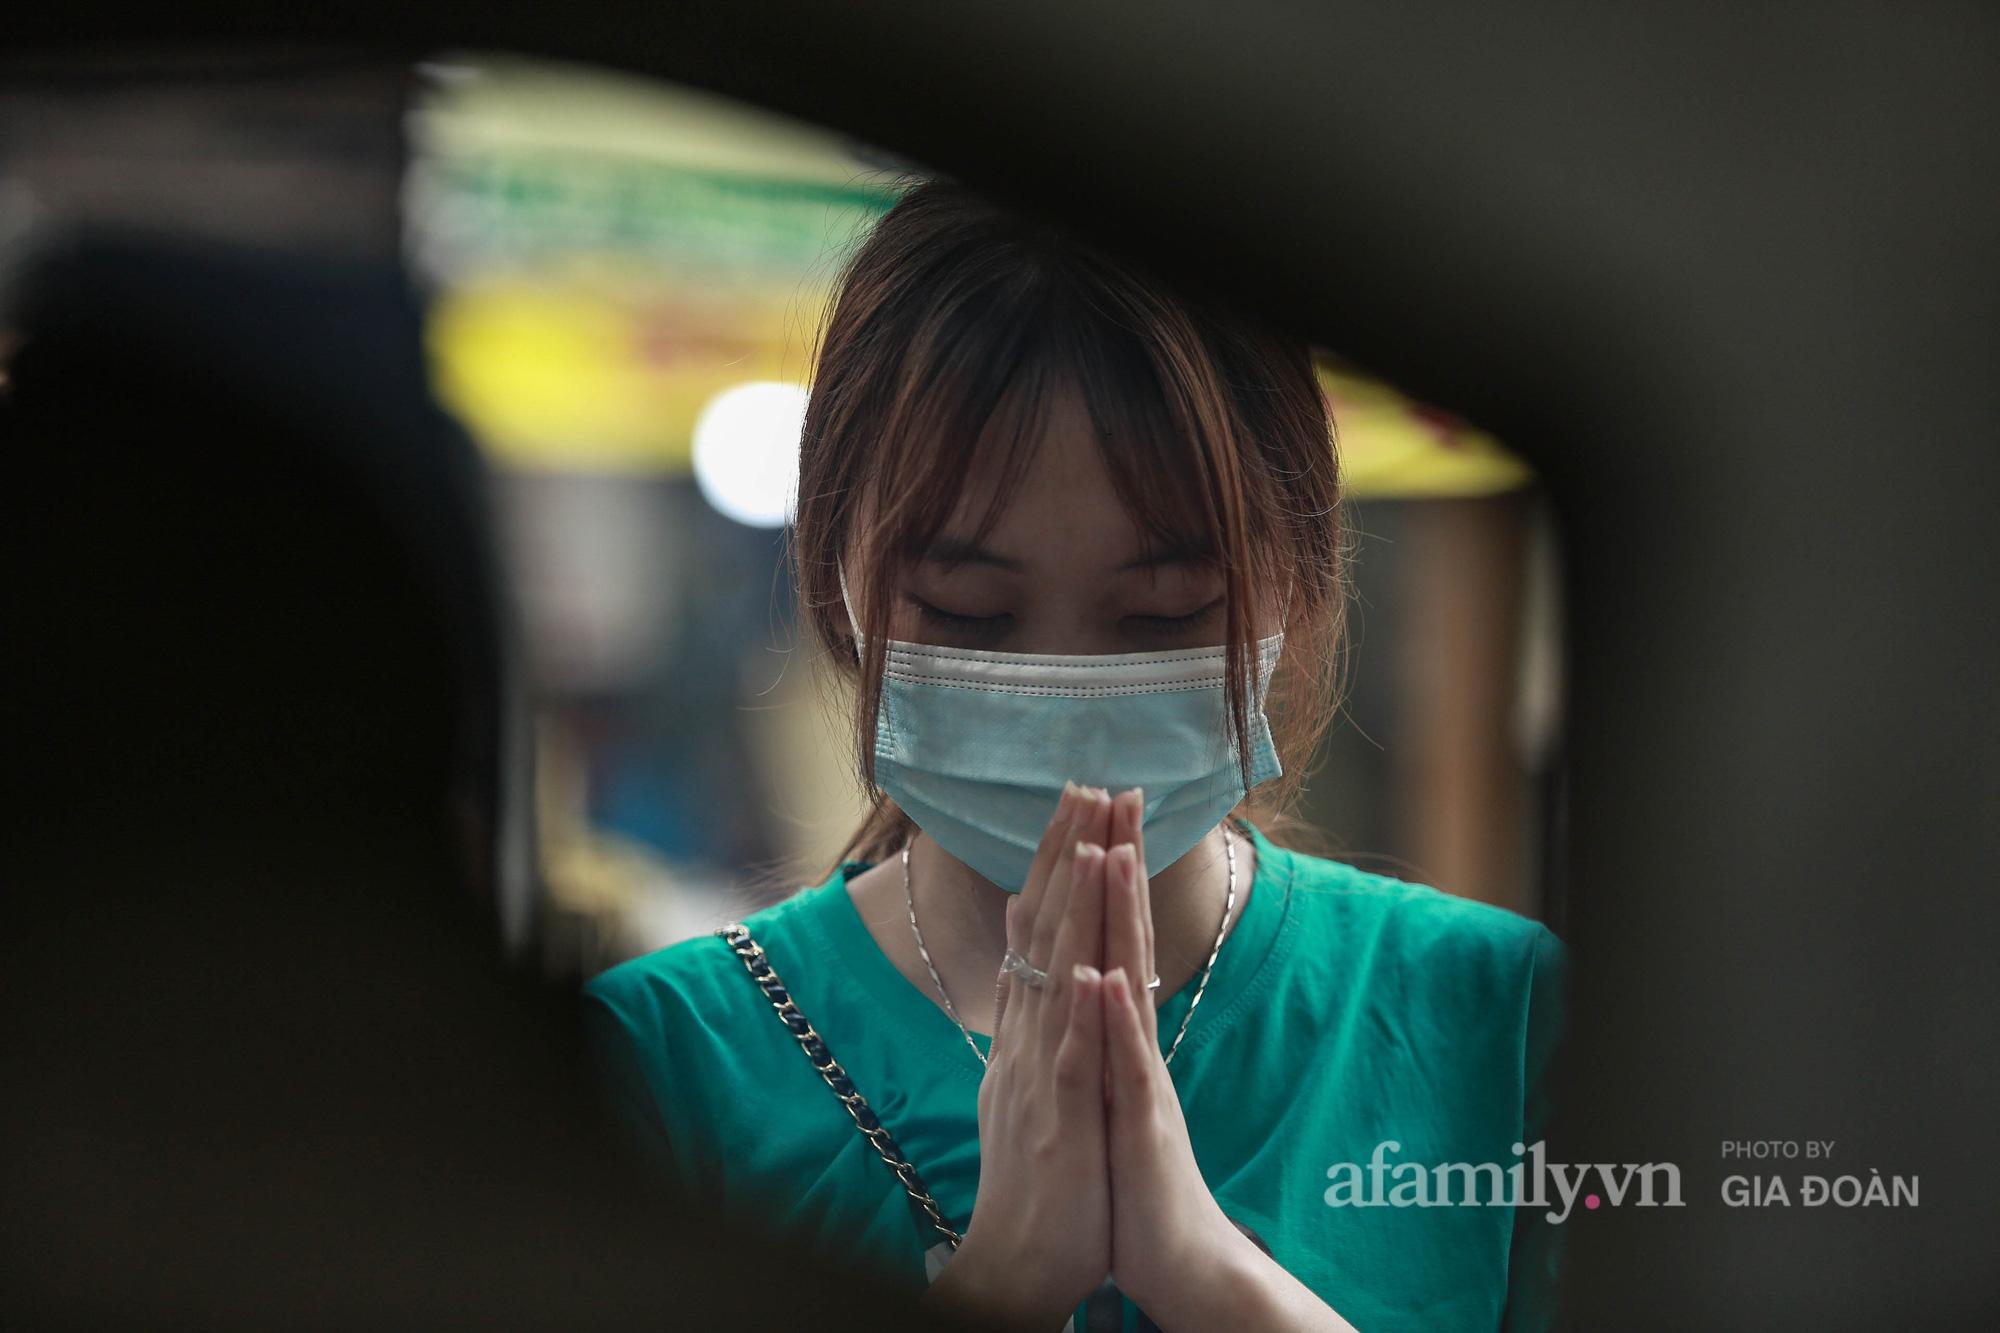 Lo lắng đến mất ăn, mất ngủ, nữ sinh Hà Nội chạy xe máy hơn 30km tới Văn Miếu cầu may cho em trai trước ngày thi vào lớp 10 - Ảnh 2.